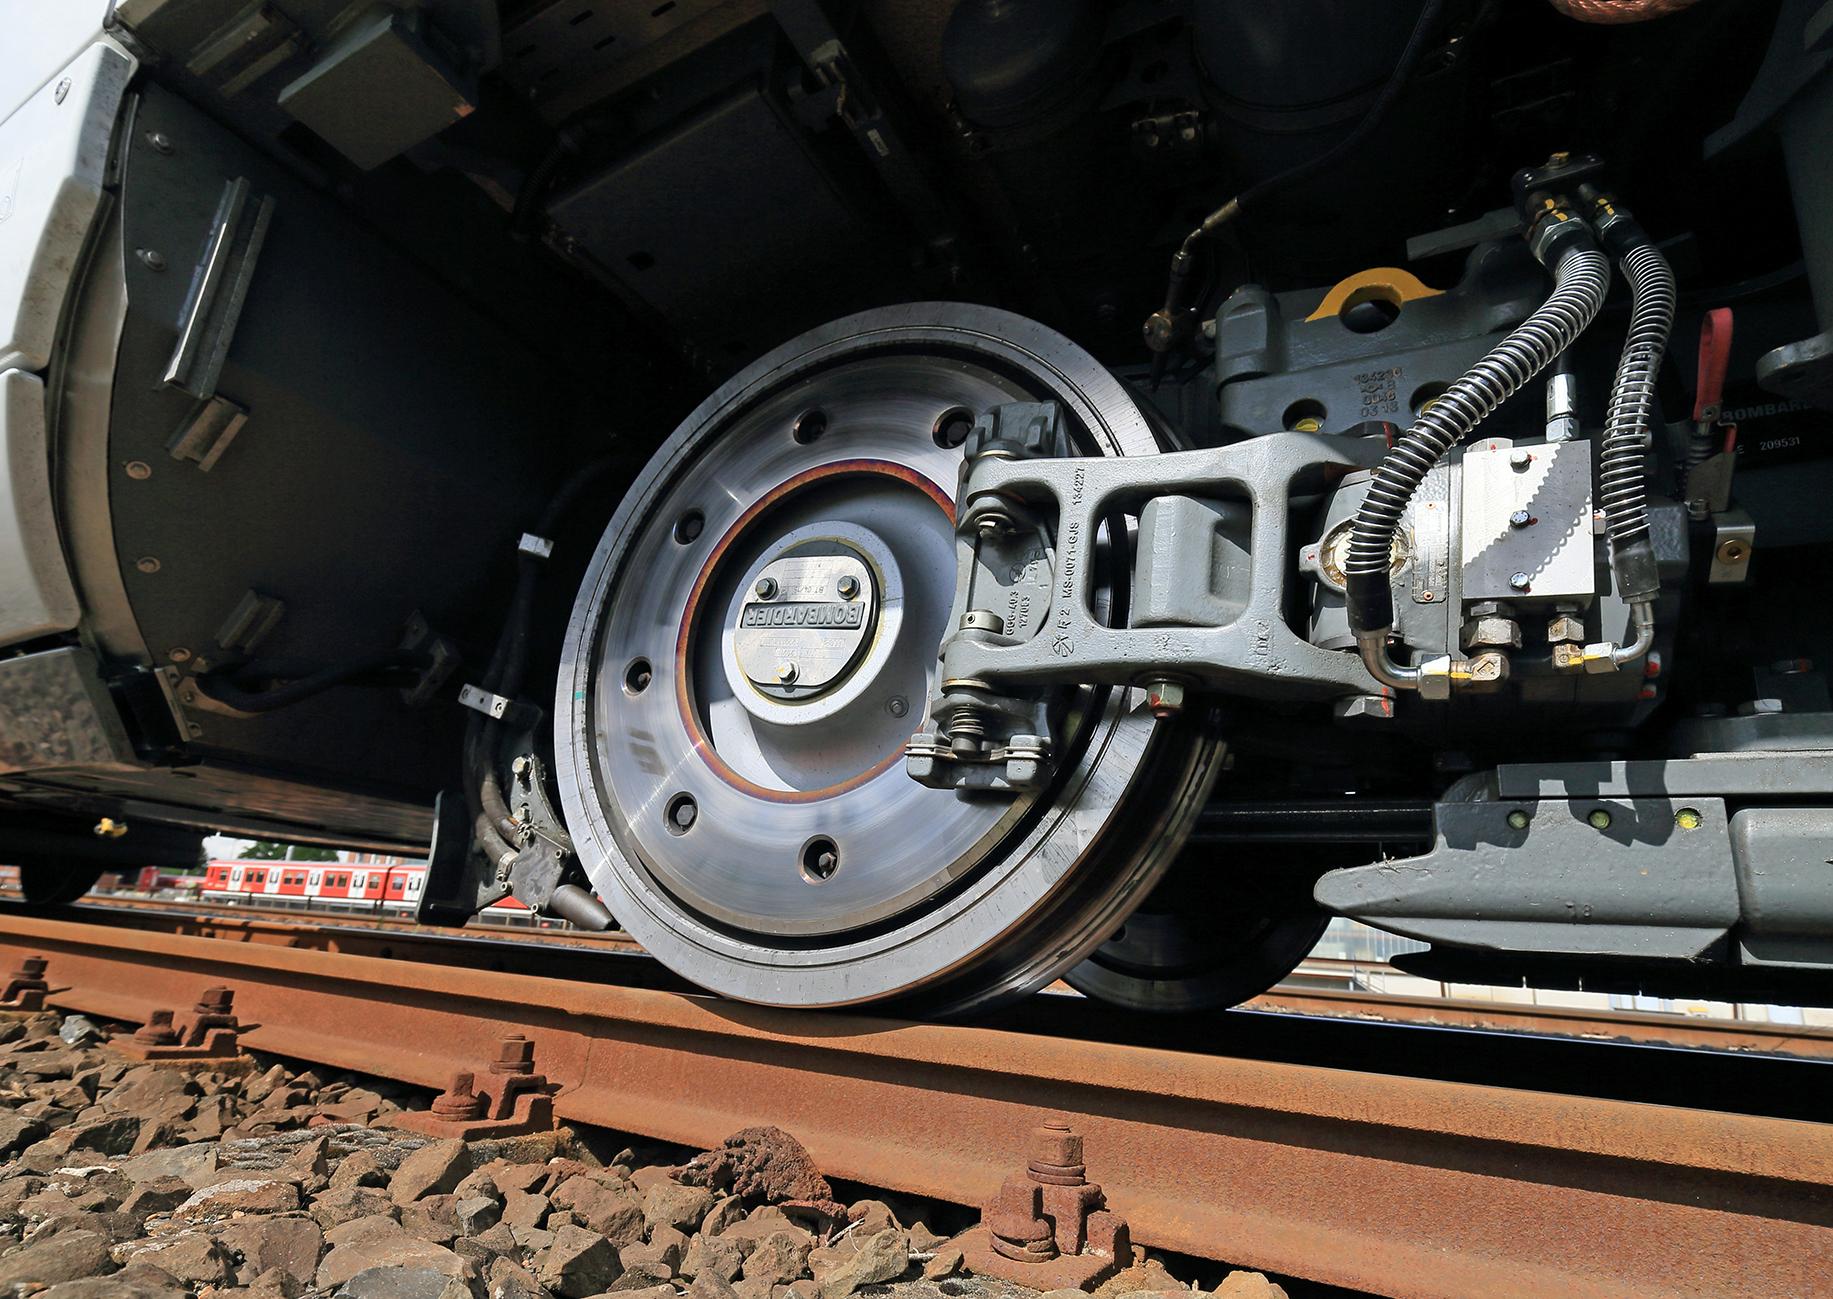 ICE 4 - Baureihe 412 - Detailaufnahme Bremse